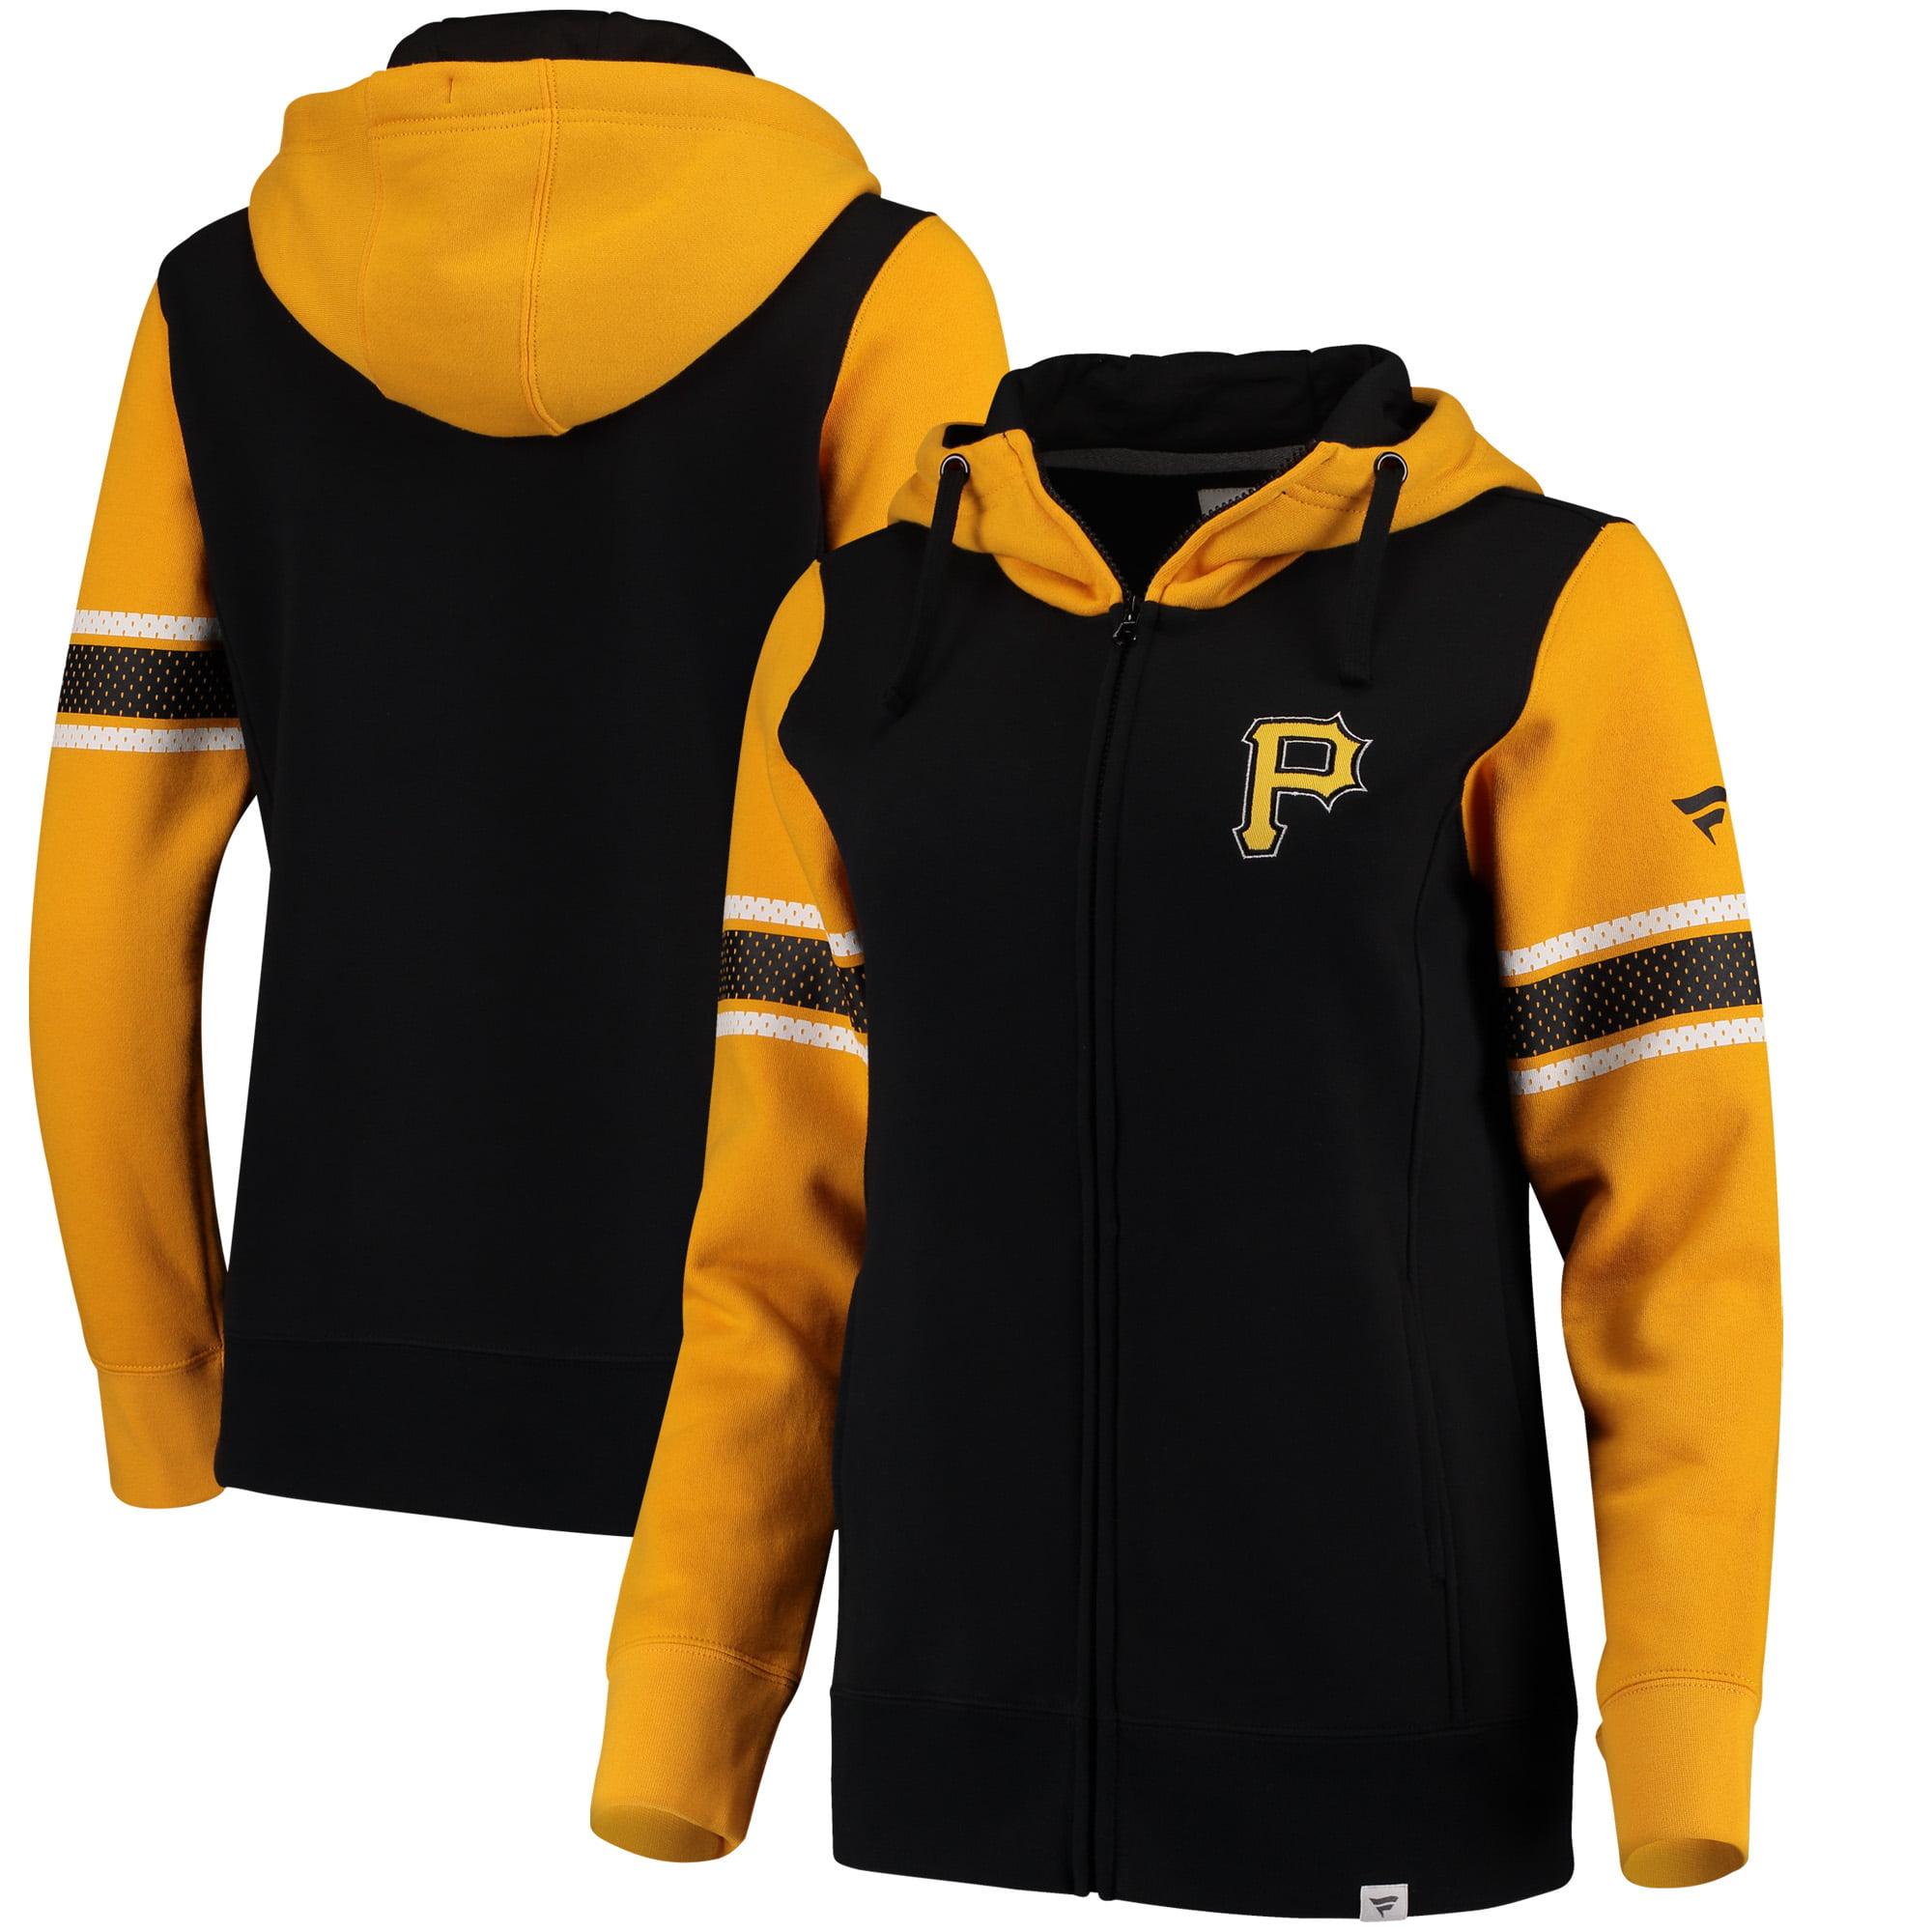 Pittsburgh Pirates Fanatics Branded Women's Iconic Full-Zip Hoodie - Black/Yellow